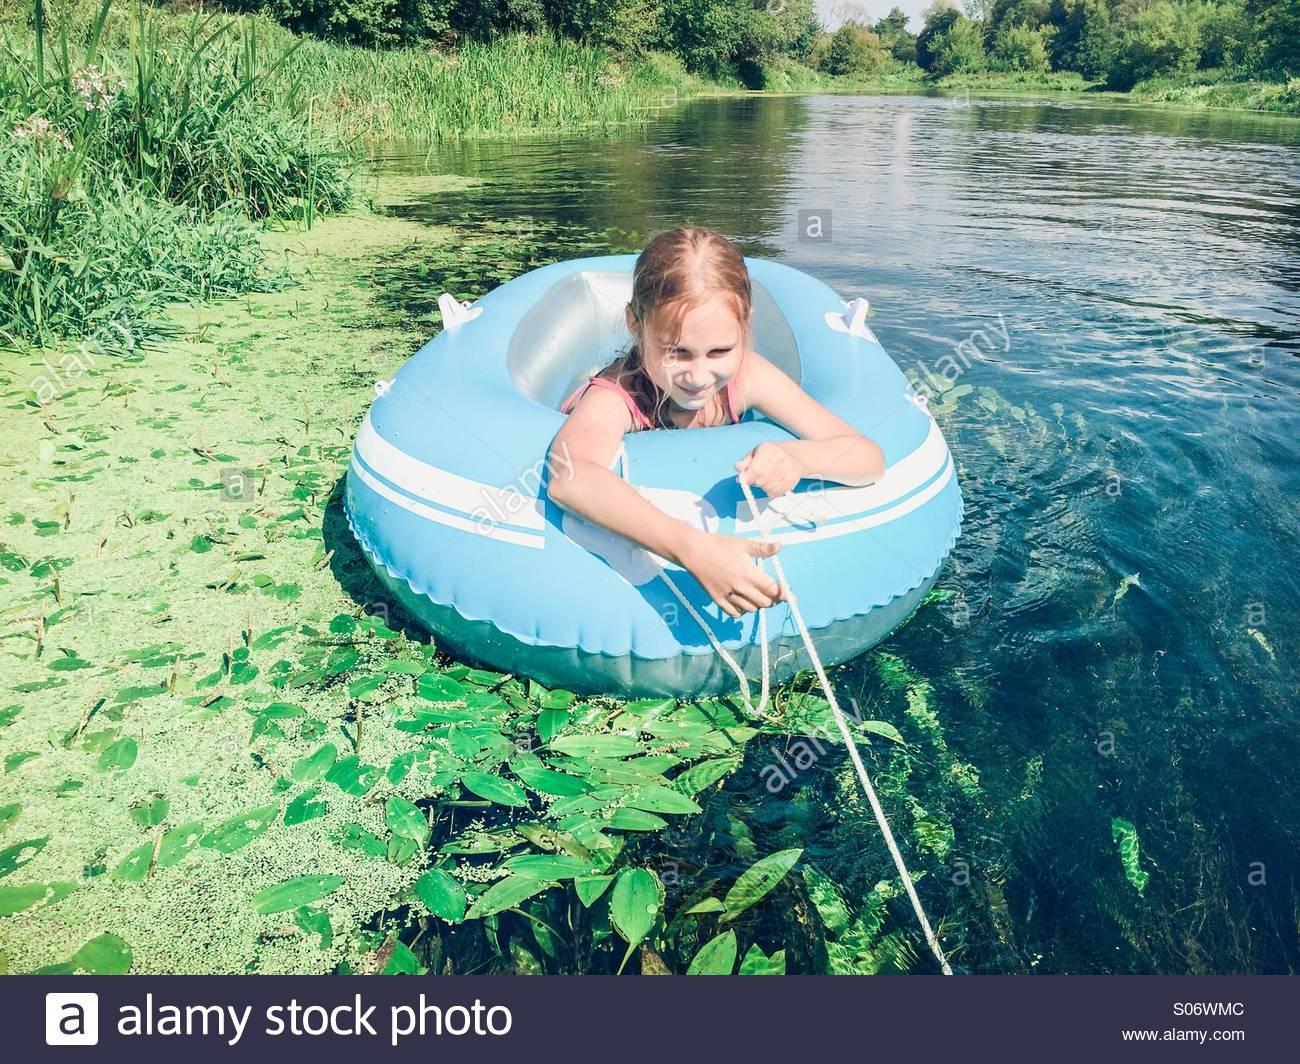 Niña sentada en una balsa sobre un río puro Imagen De Stock